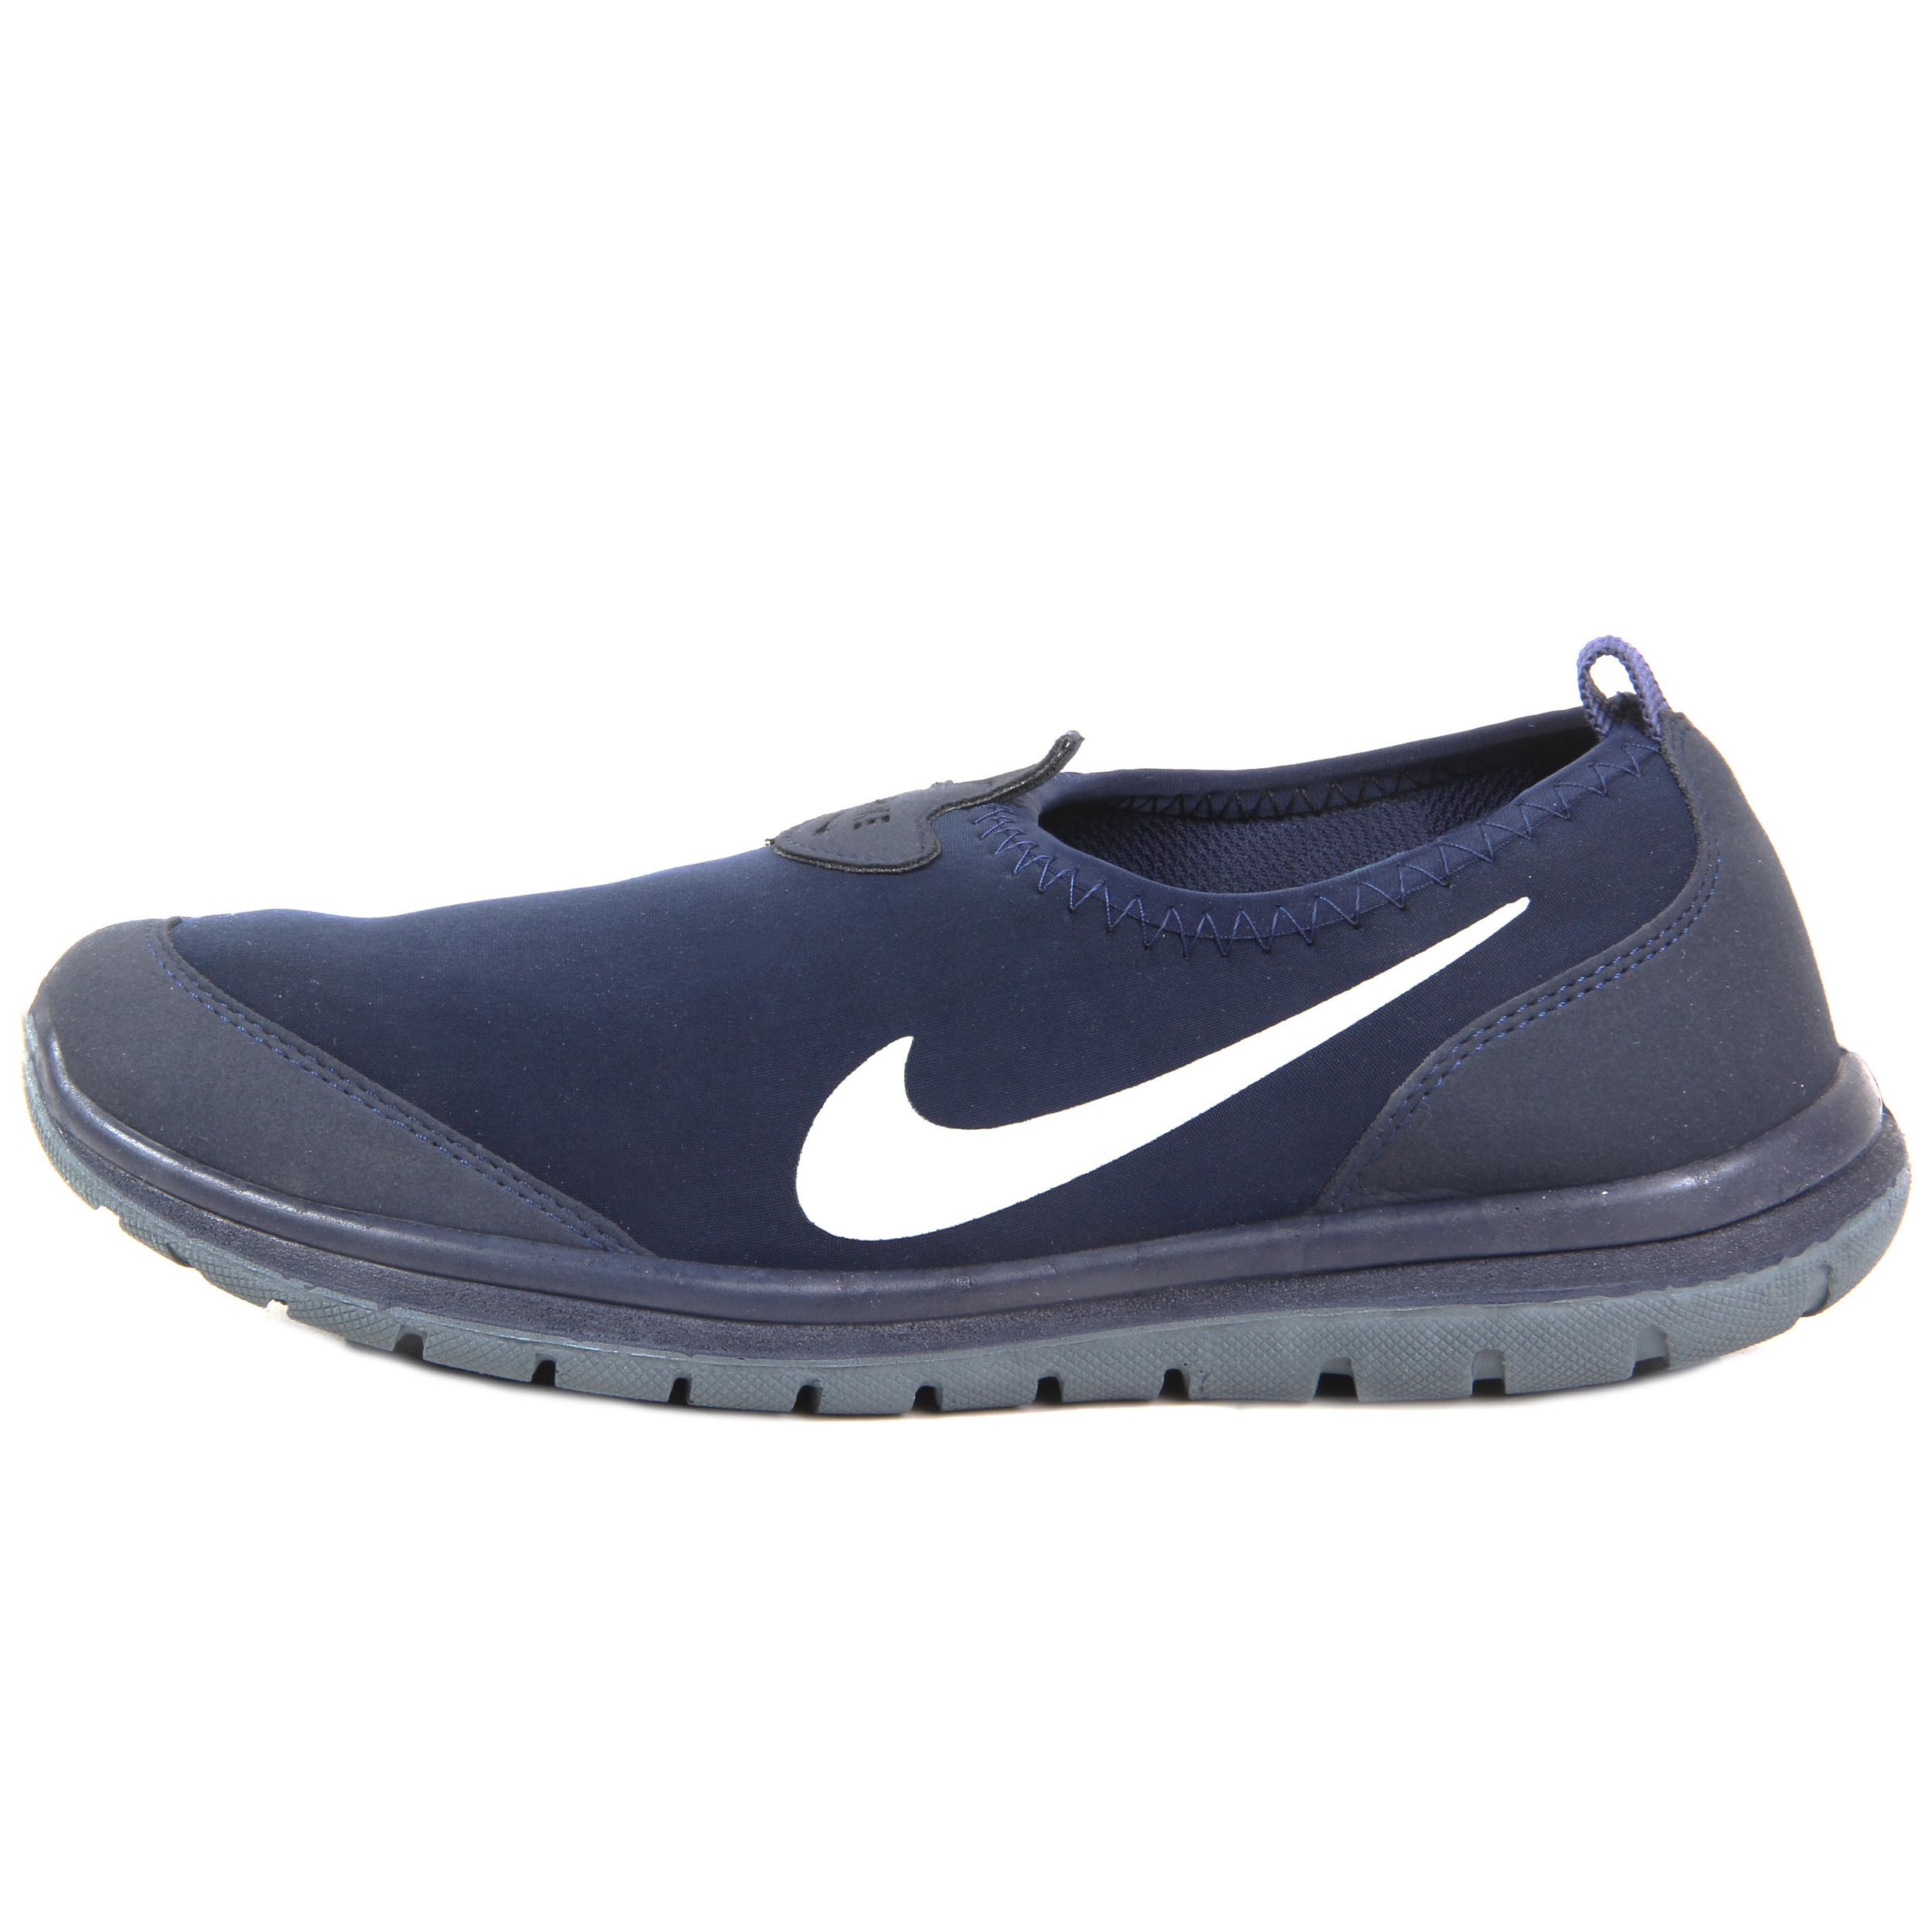 قیمت کفش راحتی مردانه مدل 13-101058